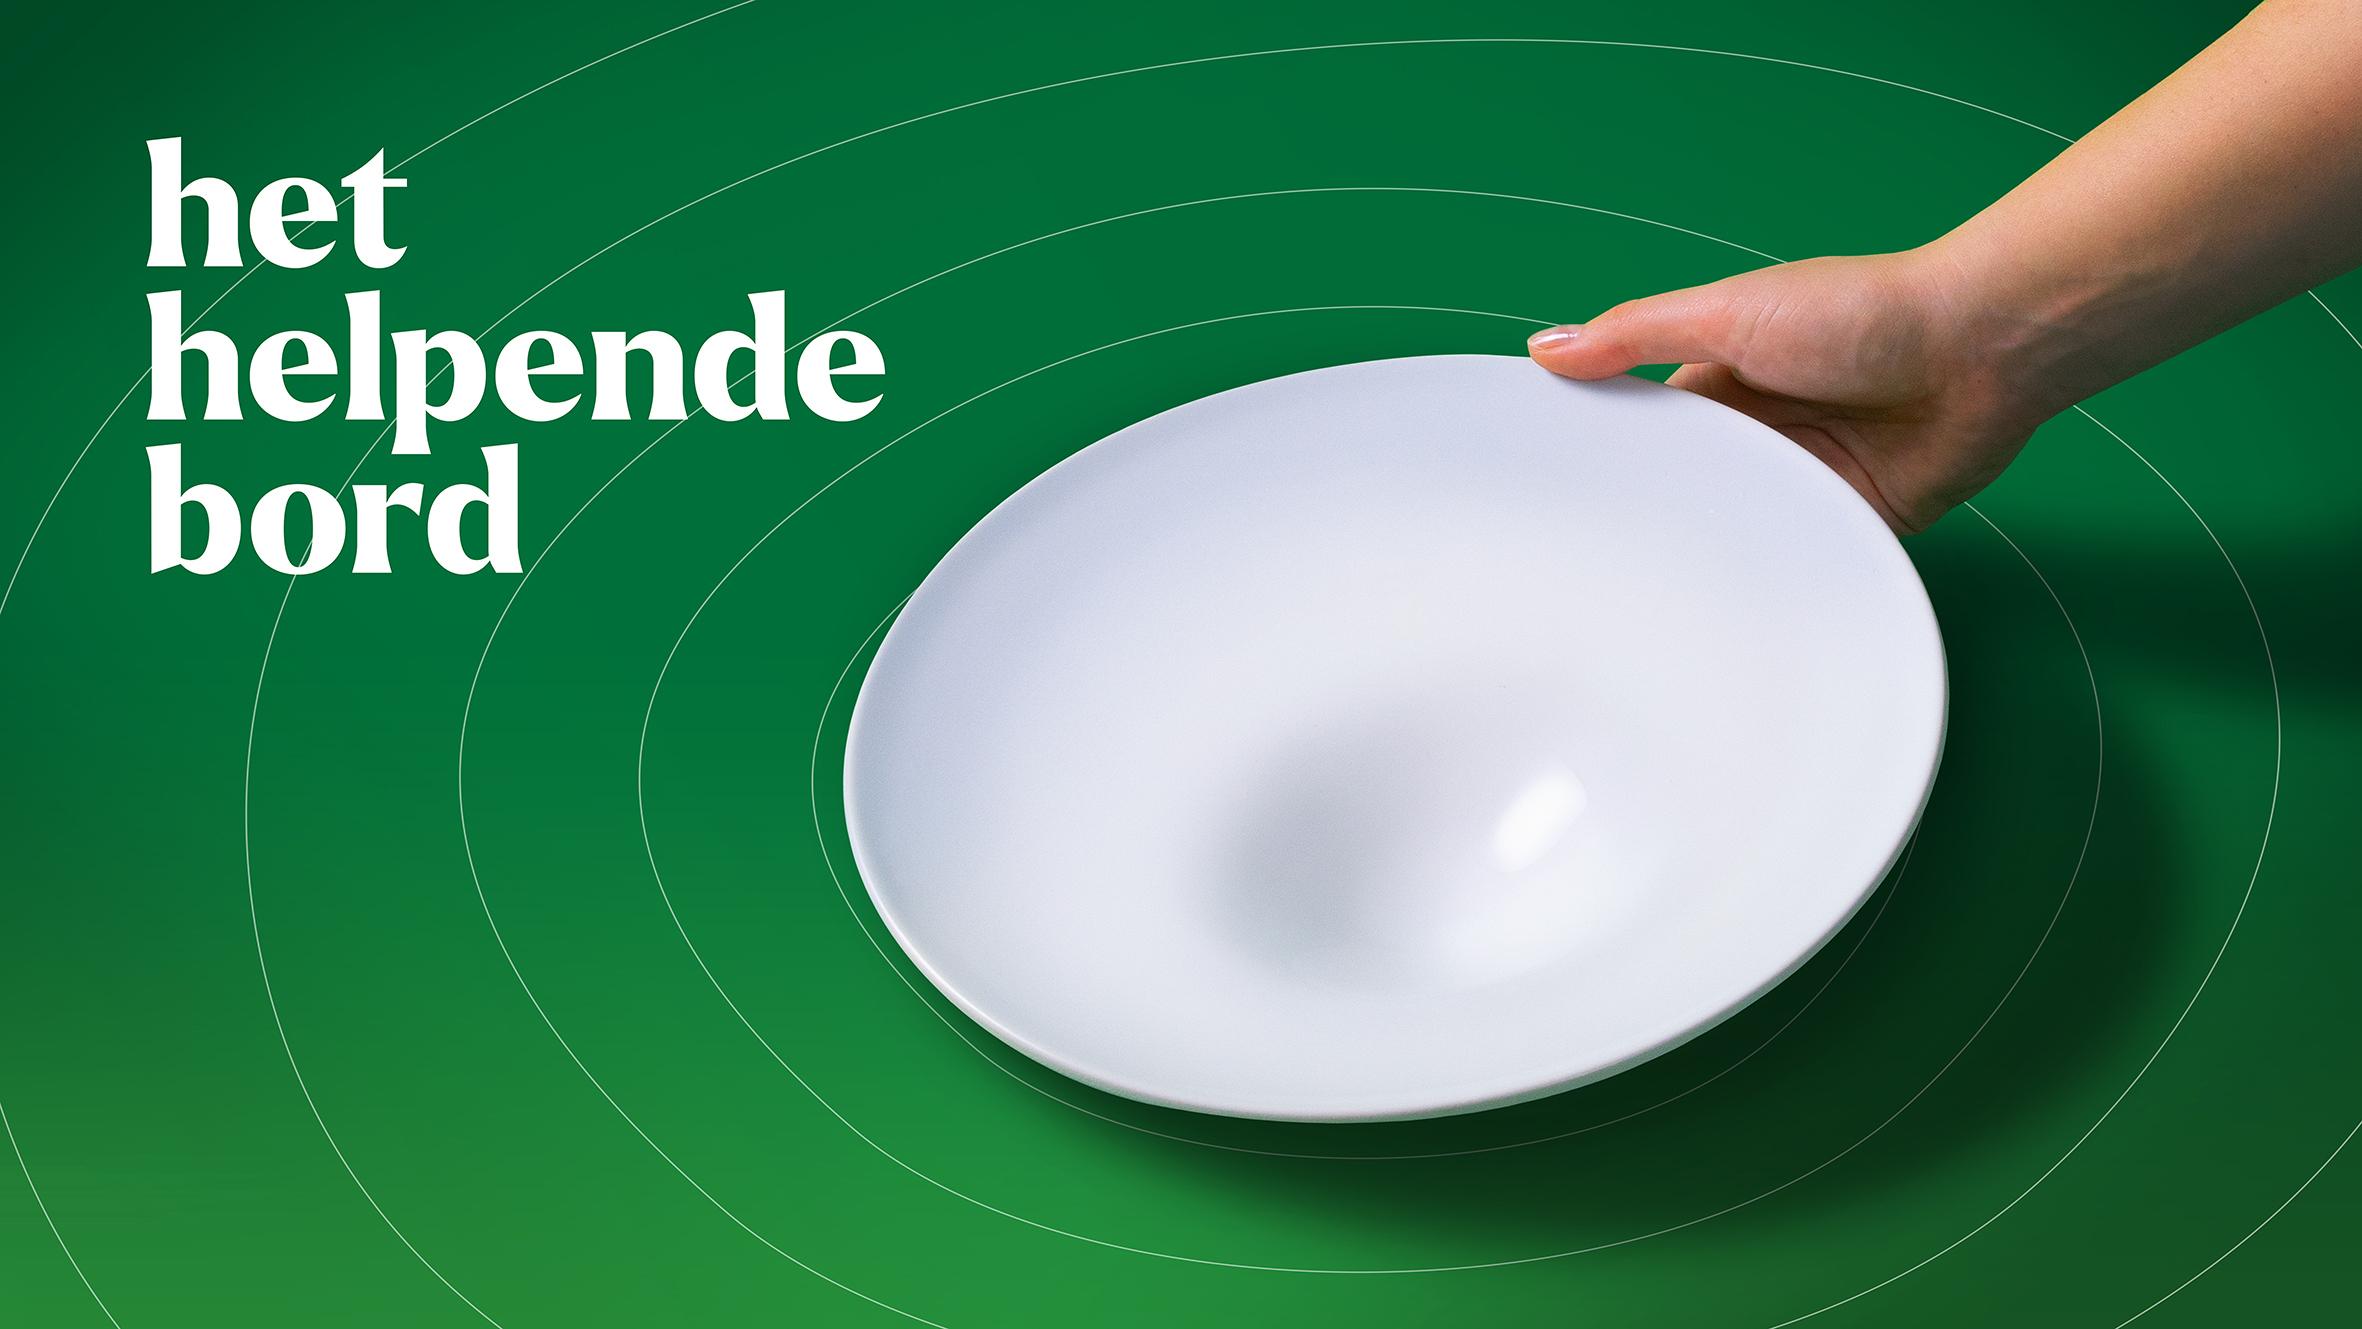 Het Helpende bord